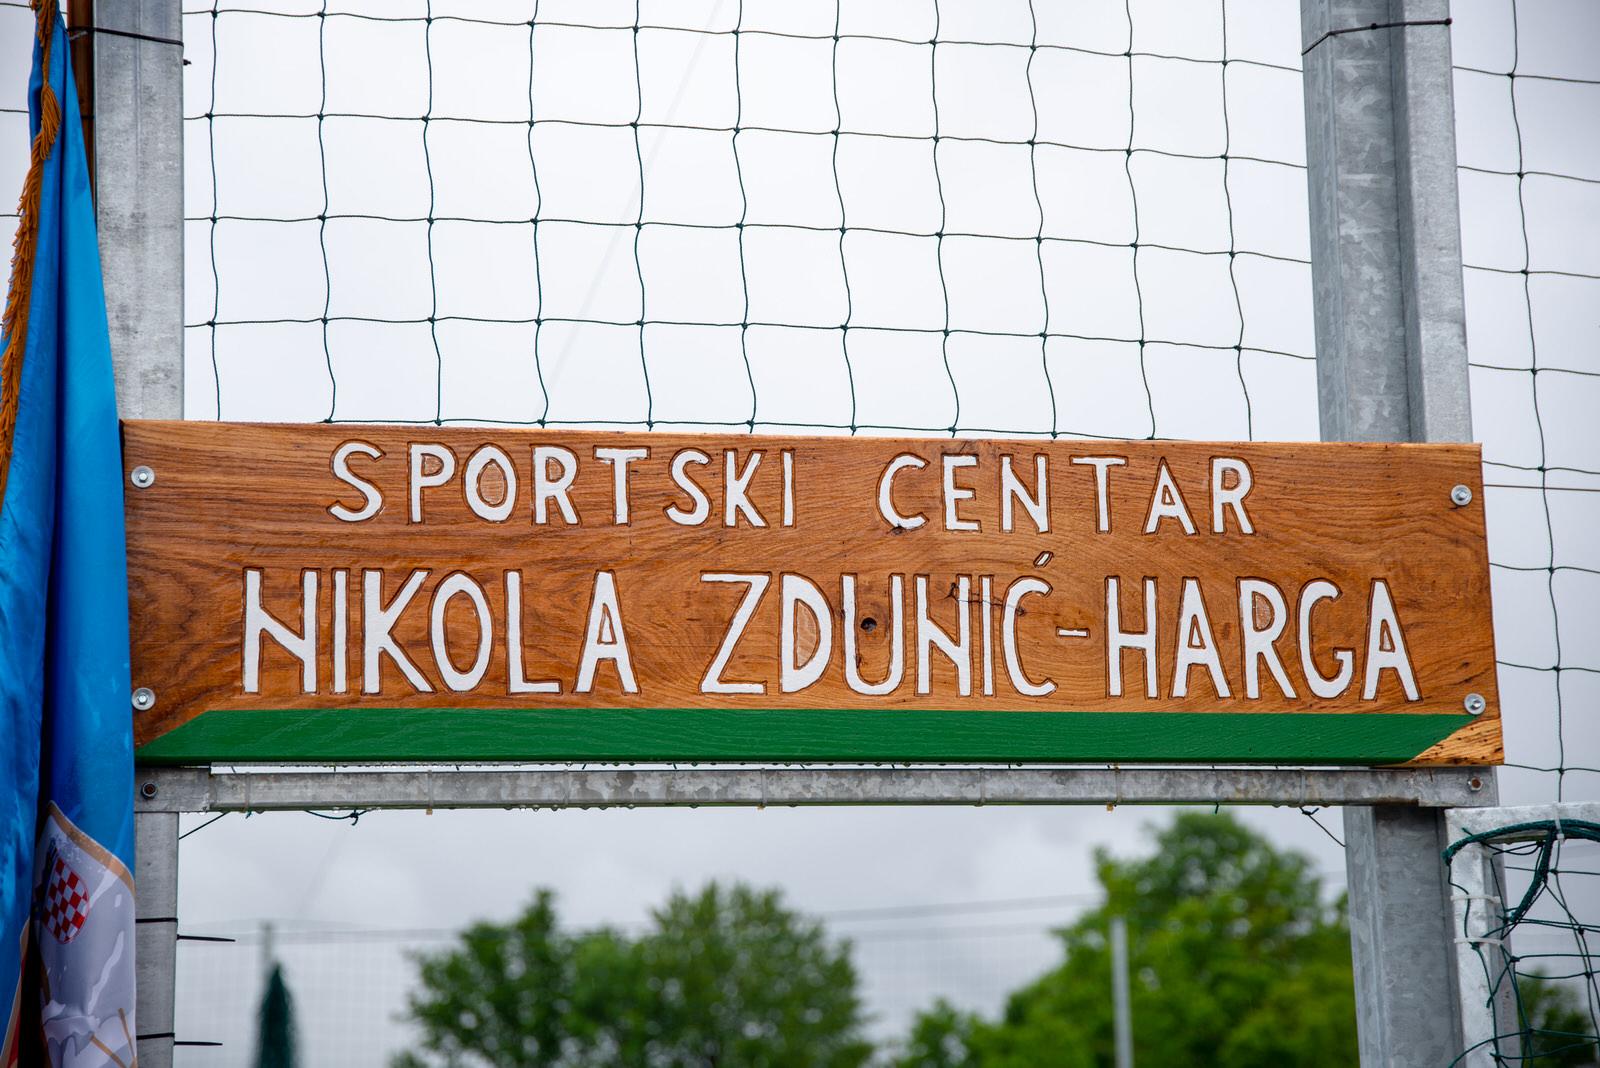 likaclub_žabica_otvaranje nogometnog igrališta_6_2020 (21)